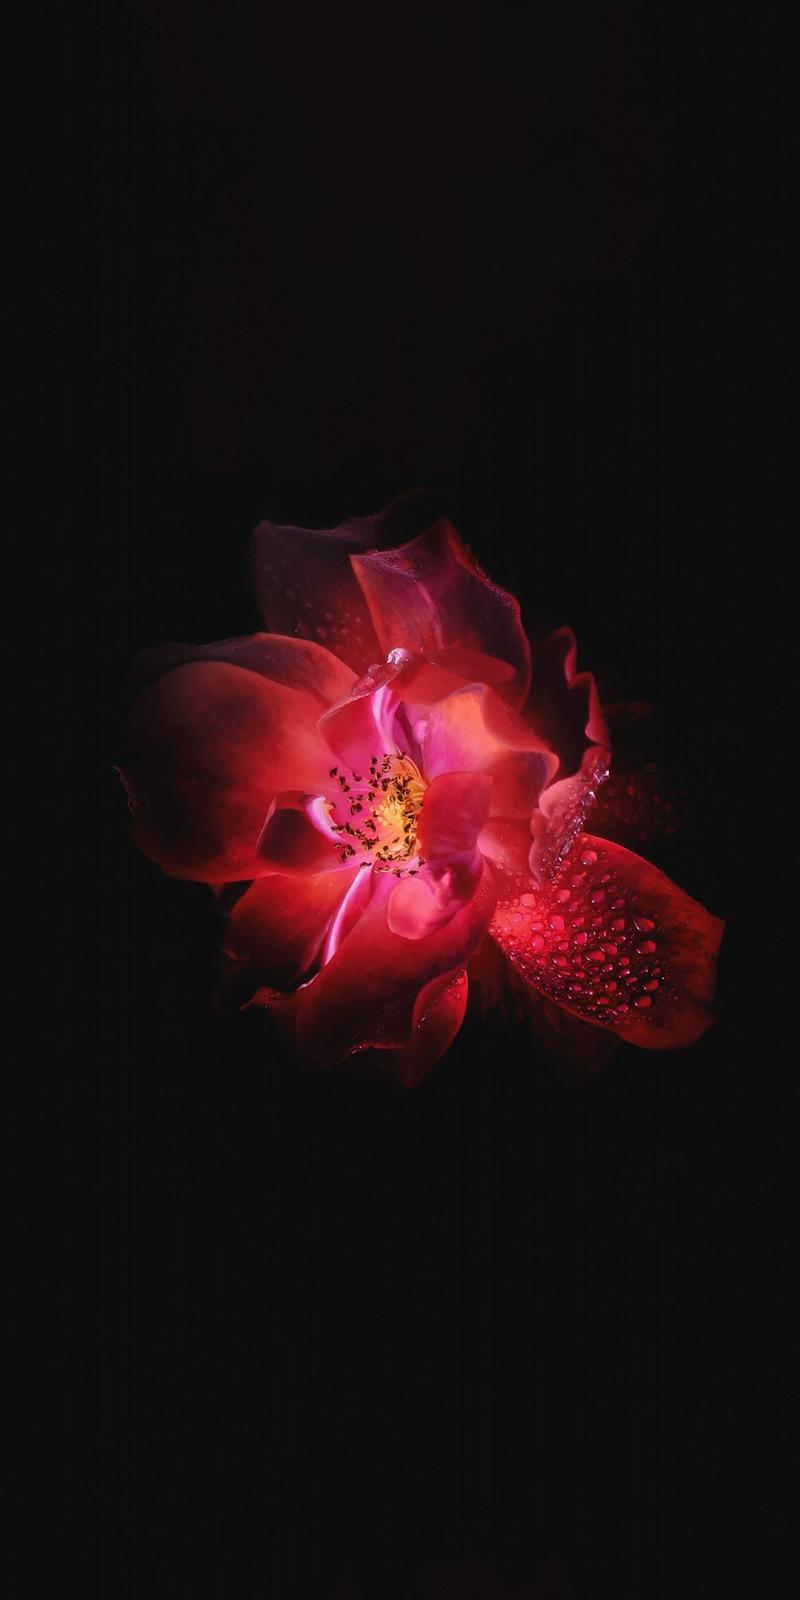 Flower Flower Iphone Wallpaper Smartphone Wallpaper Cellphone Wallpaper